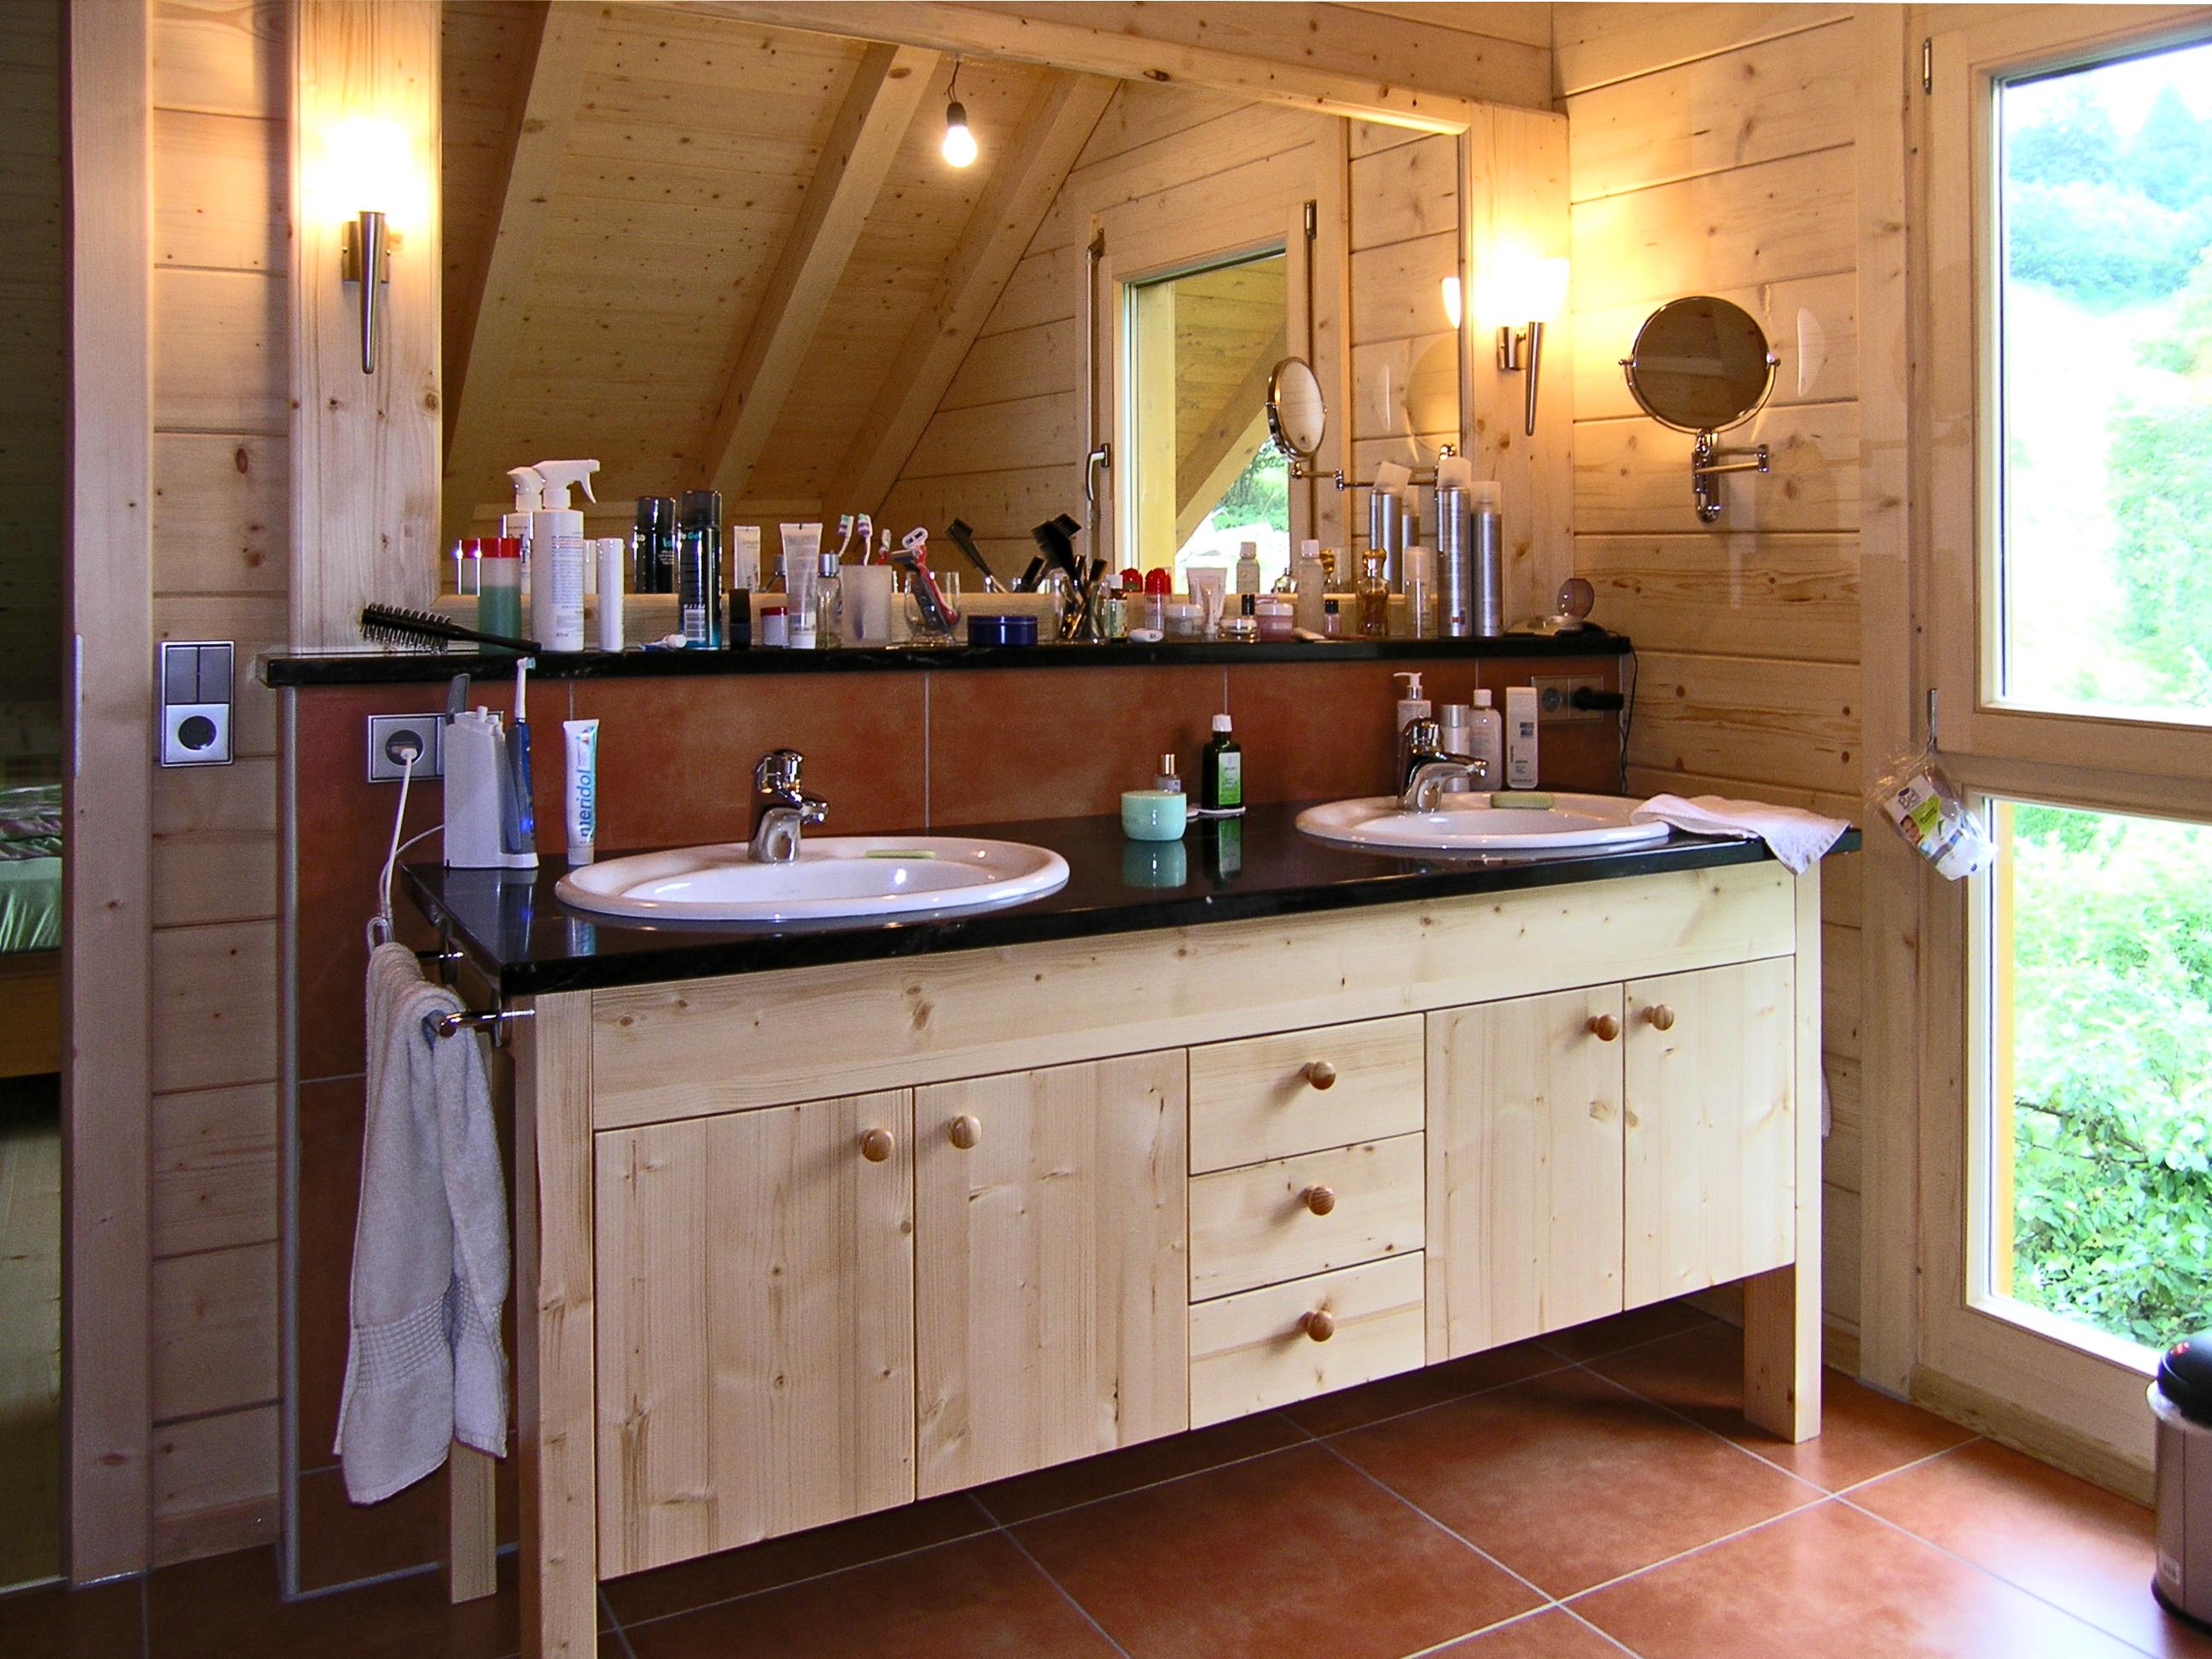 waschtisch vom schreiner aus sulzbach f r ein holzhaus. Black Bedroom Furniture Sets. Home Design Ideas